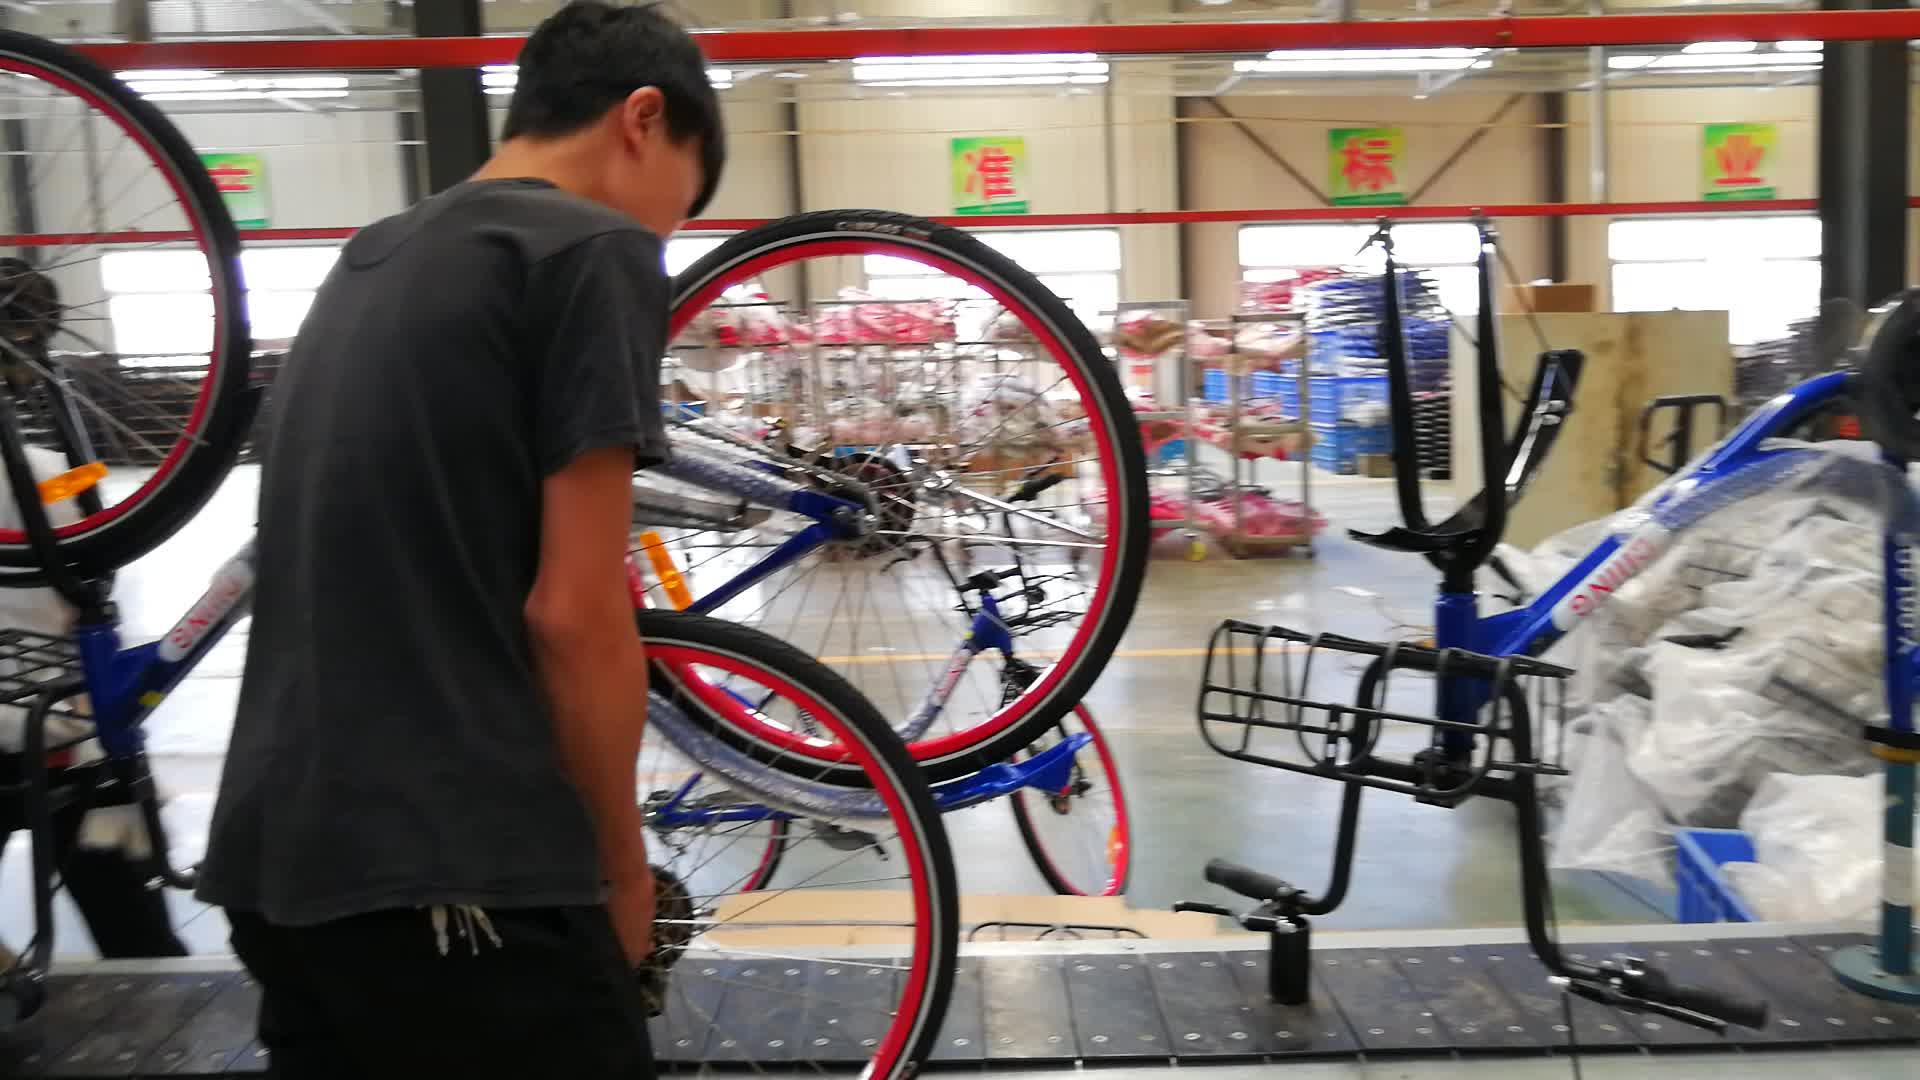 गर्म बेचने एमटीबी एमटीबी बाइक/2019 bicicletas एमटीबी फ्रेम एमटीबी पूर्ण निलंबन एमटीबी चक्र एमटीबी साइकिल/एमटीबी माउंटेन बाइक एमटीबी ब्रांड बाइक एमटीबी